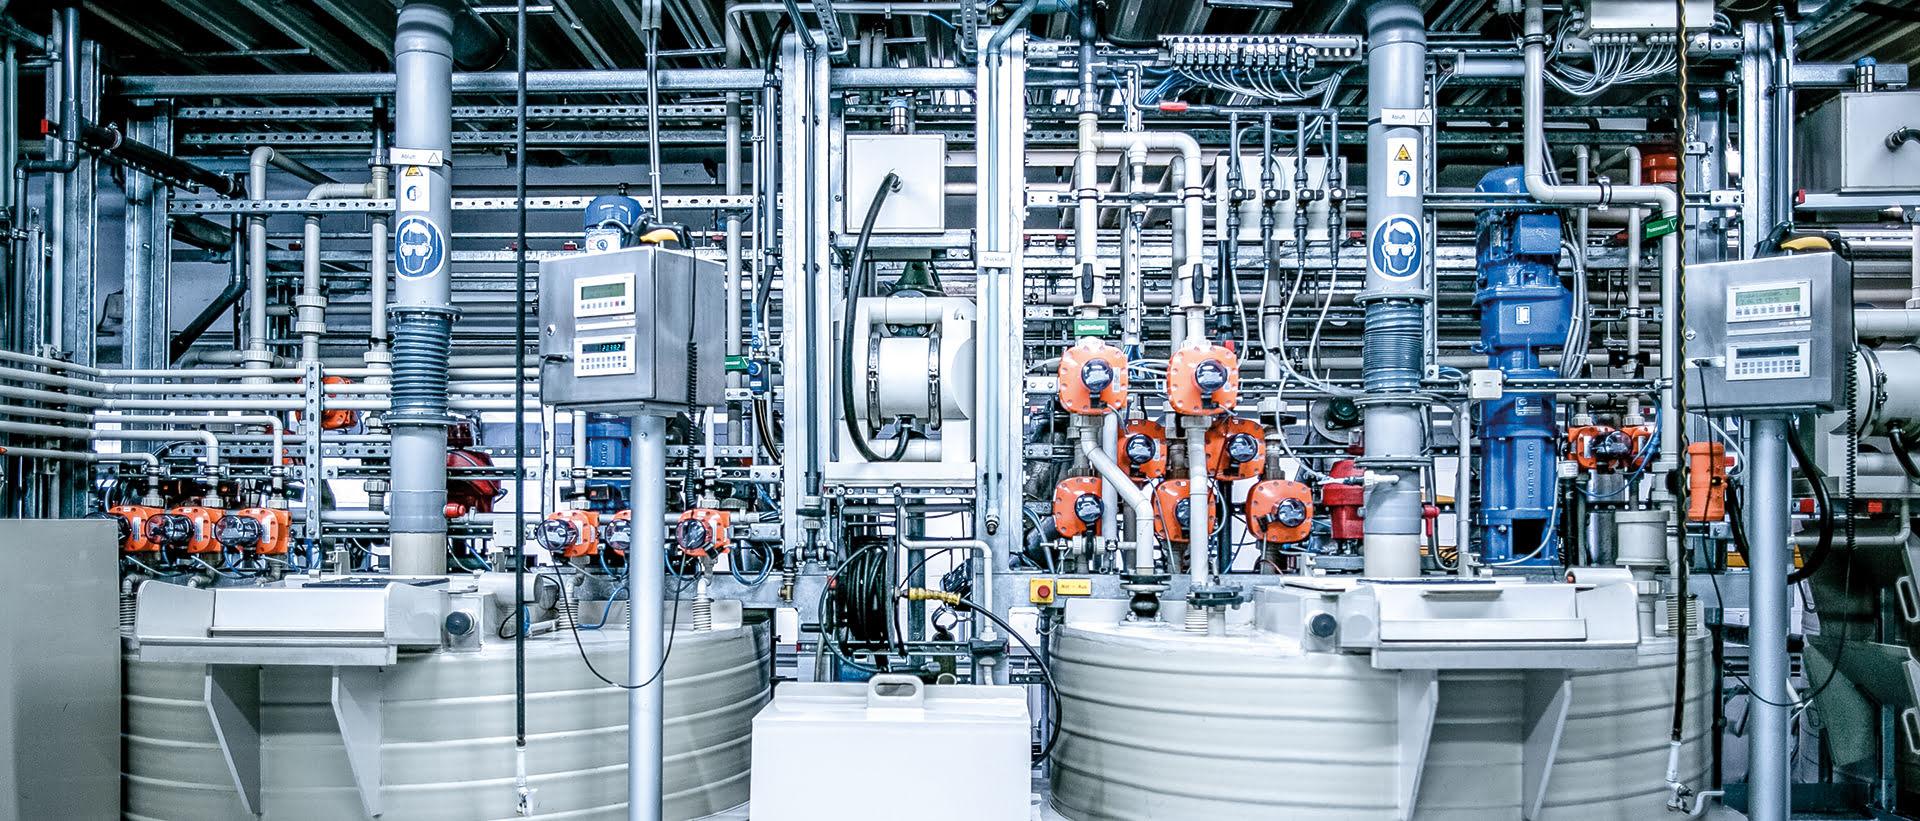 Chemischer Reaktor, Chemische Herstellung, Chemische Manufaktur, Chemische Verfahren, Produktion, Qualität